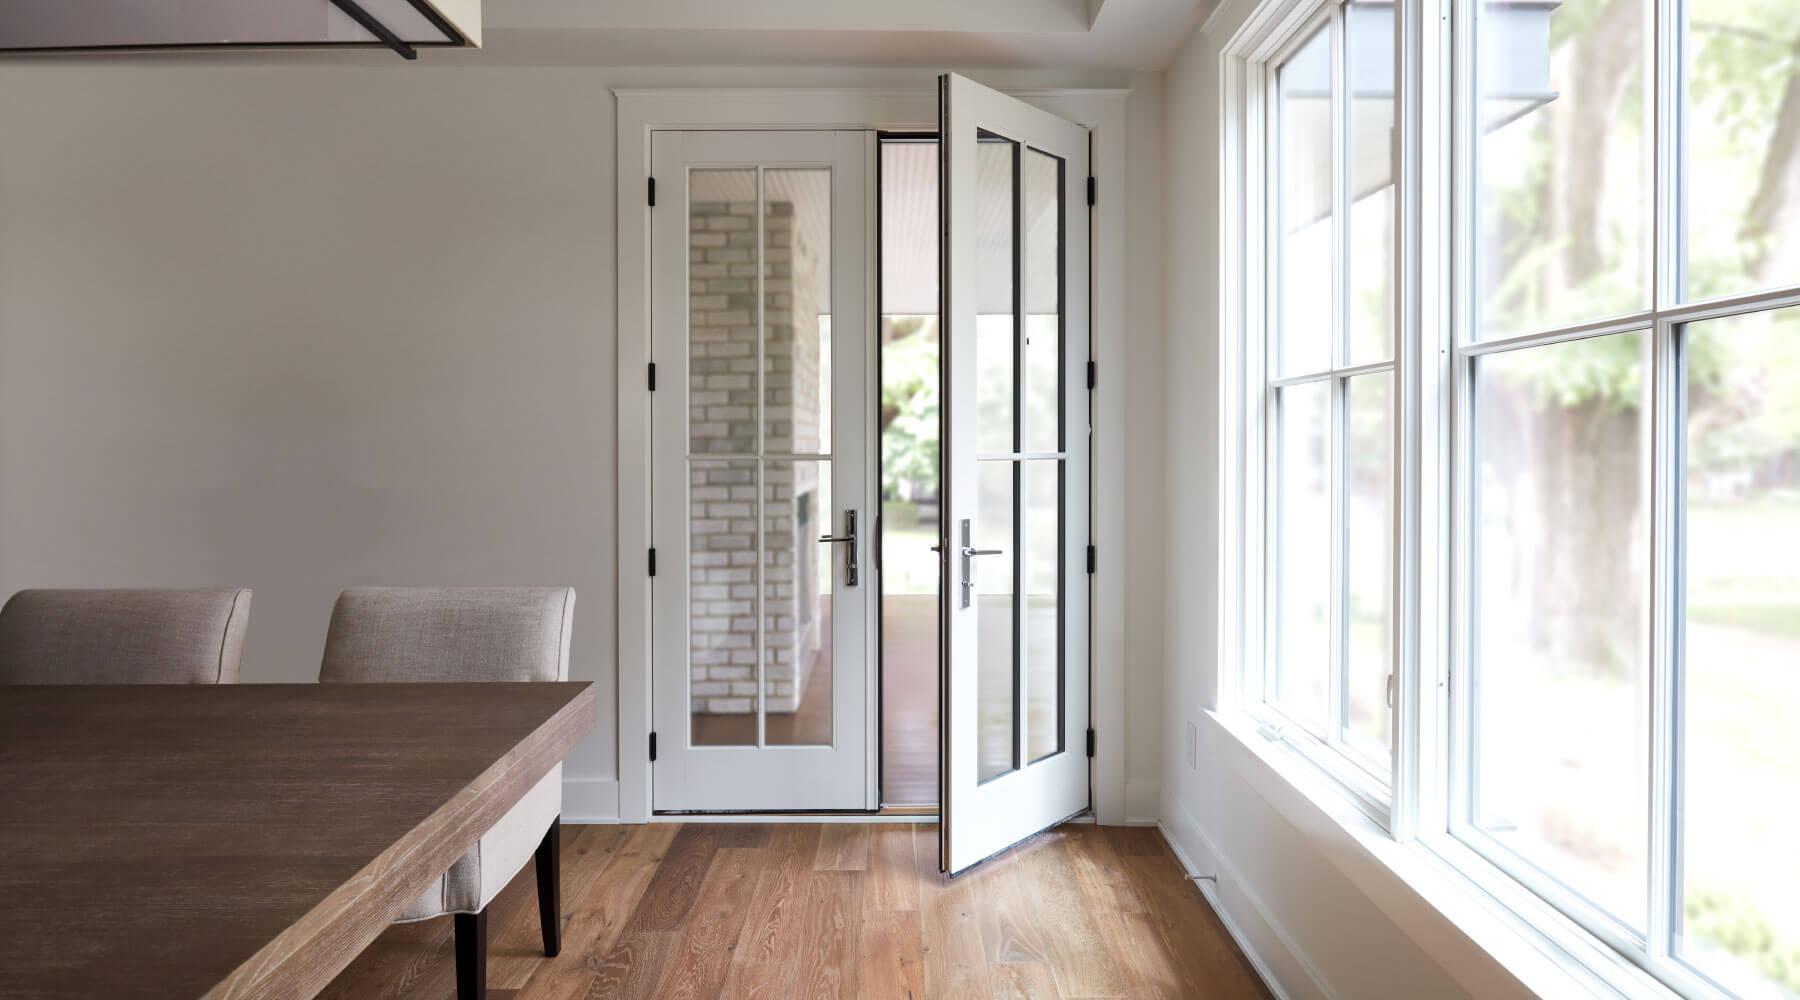 Best Patio Doors For Home Office Pella